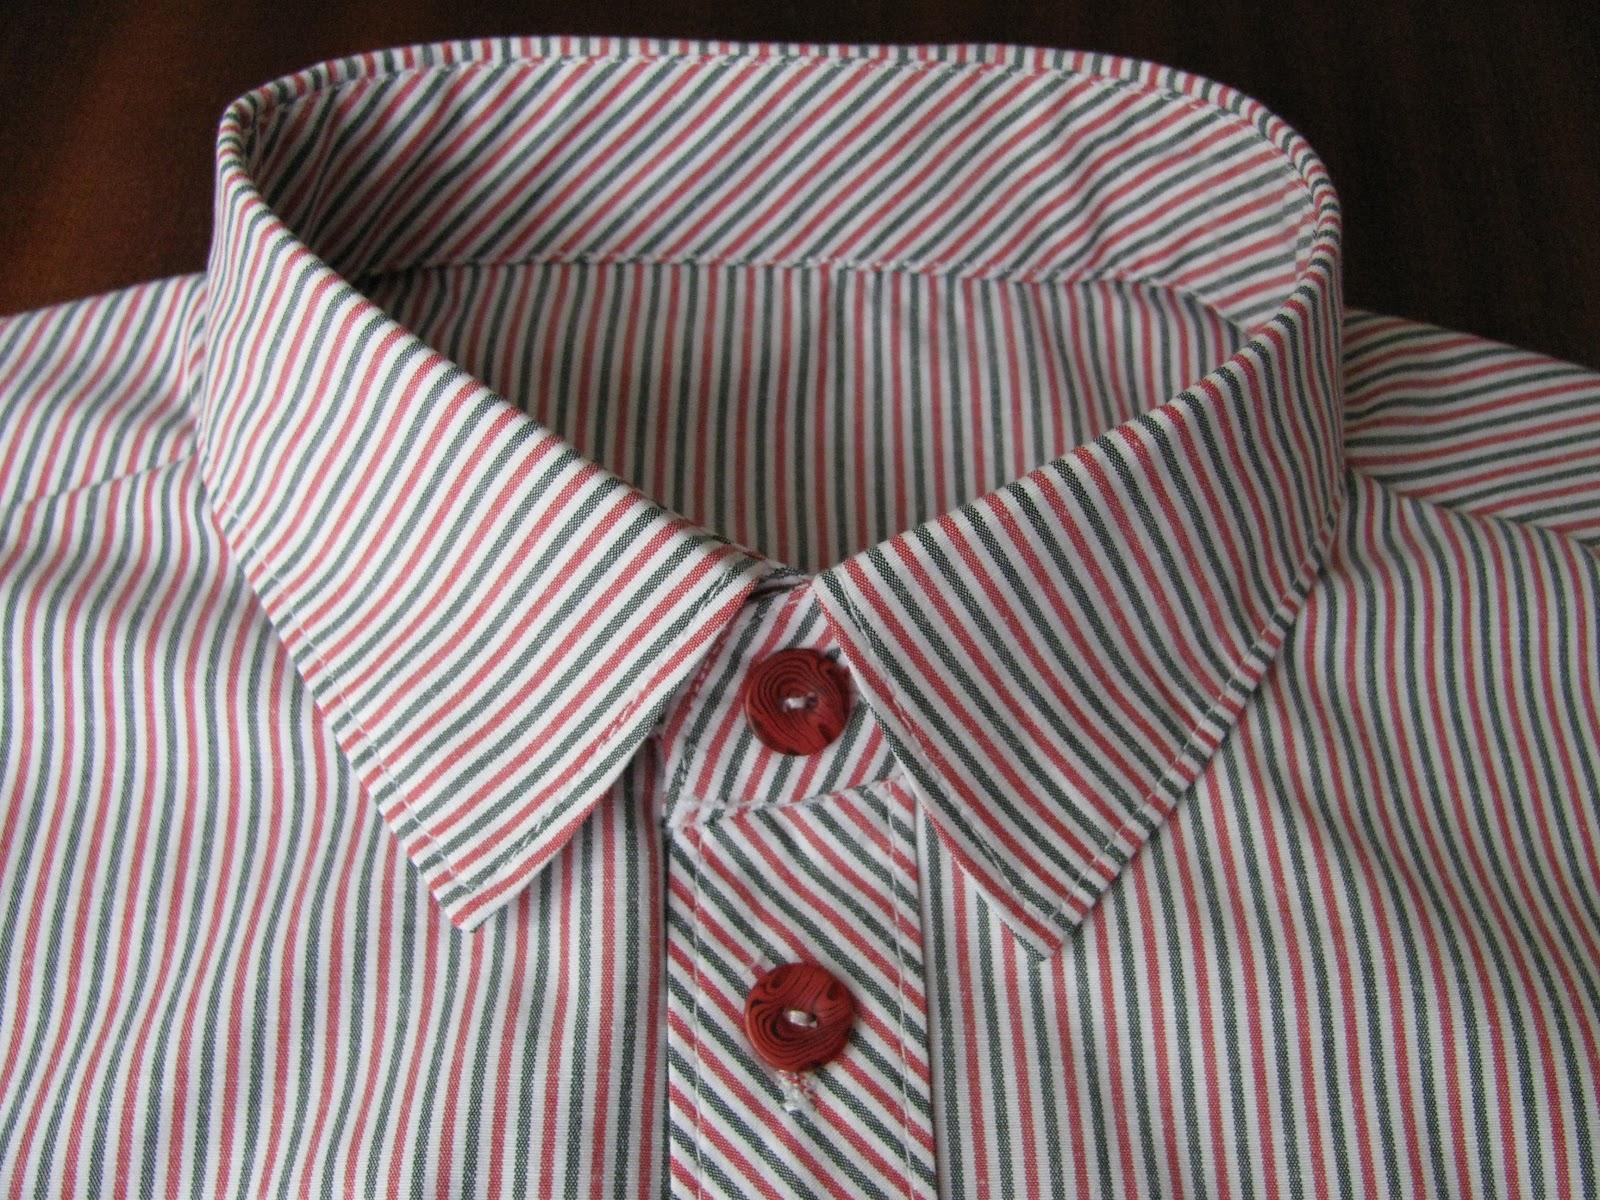 Горизонтальная петля на рубашке